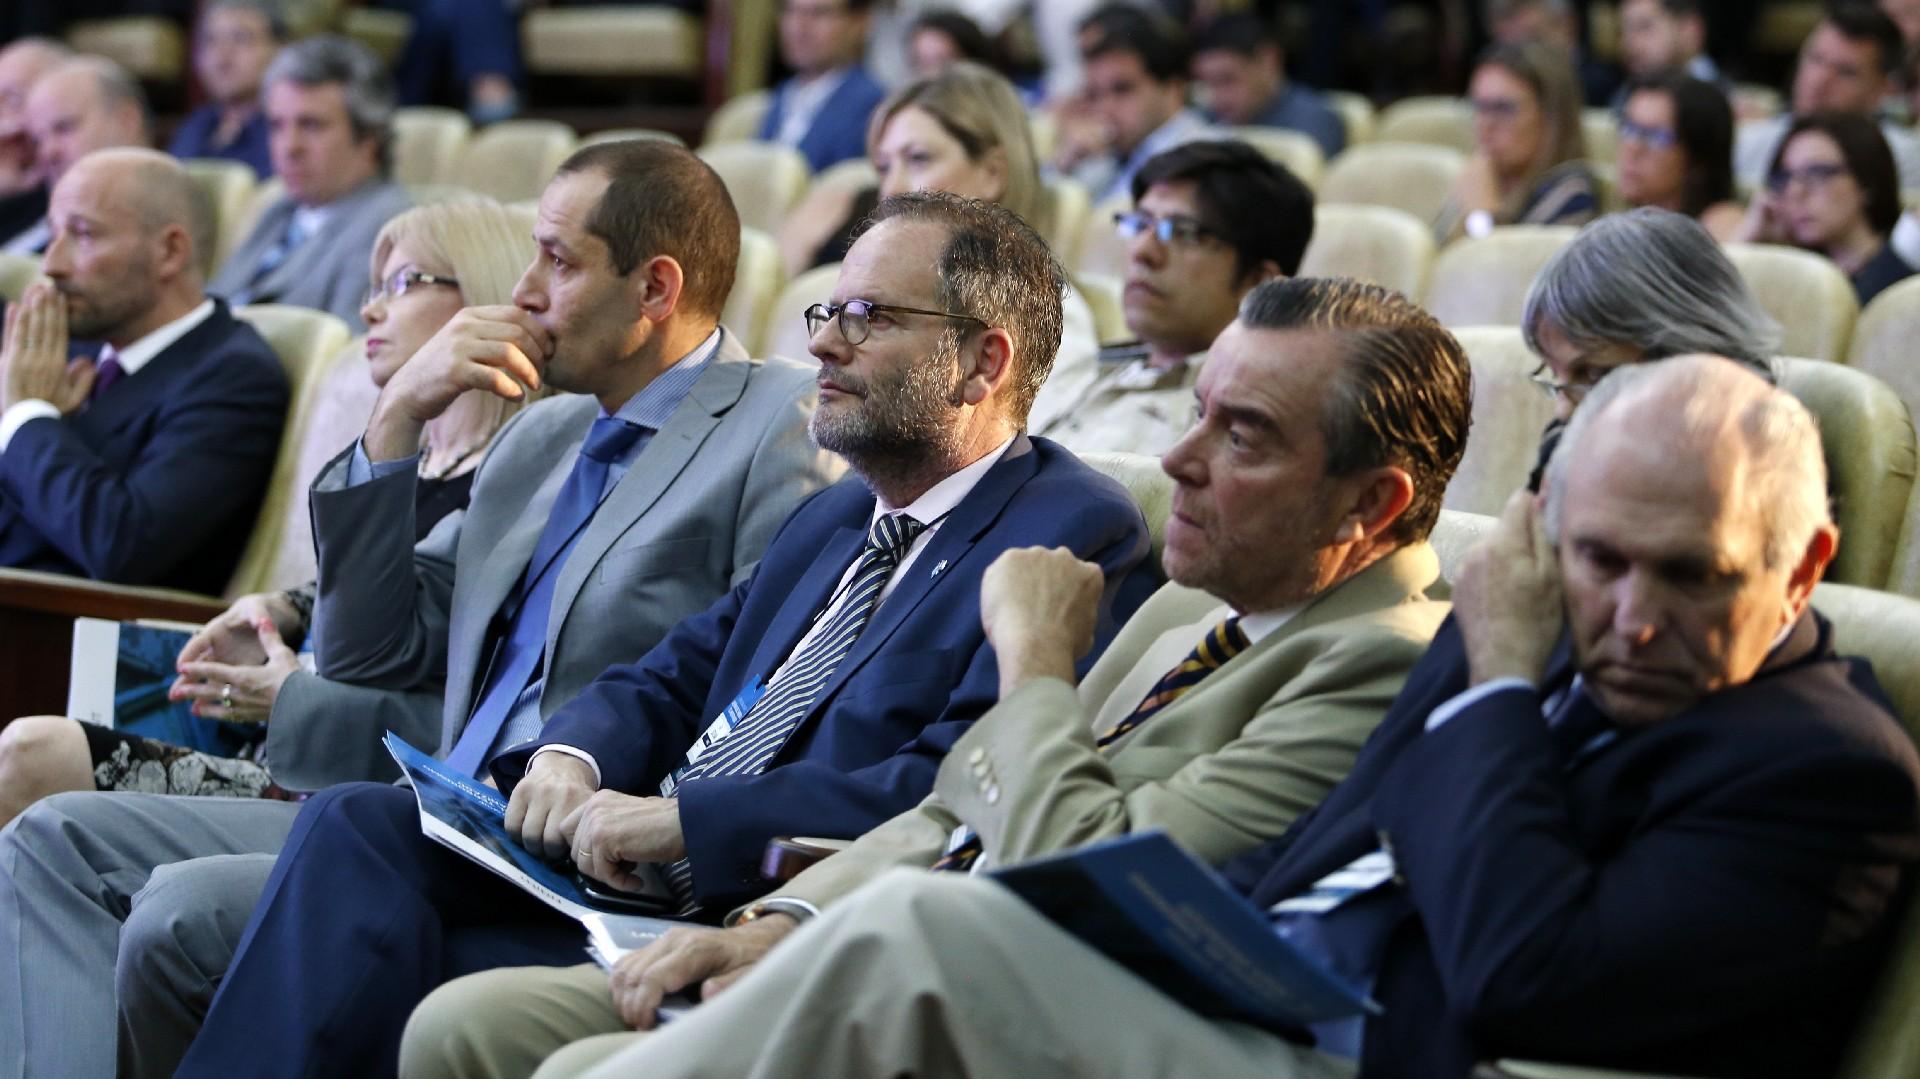 Se organizaron 8 paneles donde se debatió sobre información relevante sobre seguridad, defensa, inteligencia, justicia penal y sistema financiero